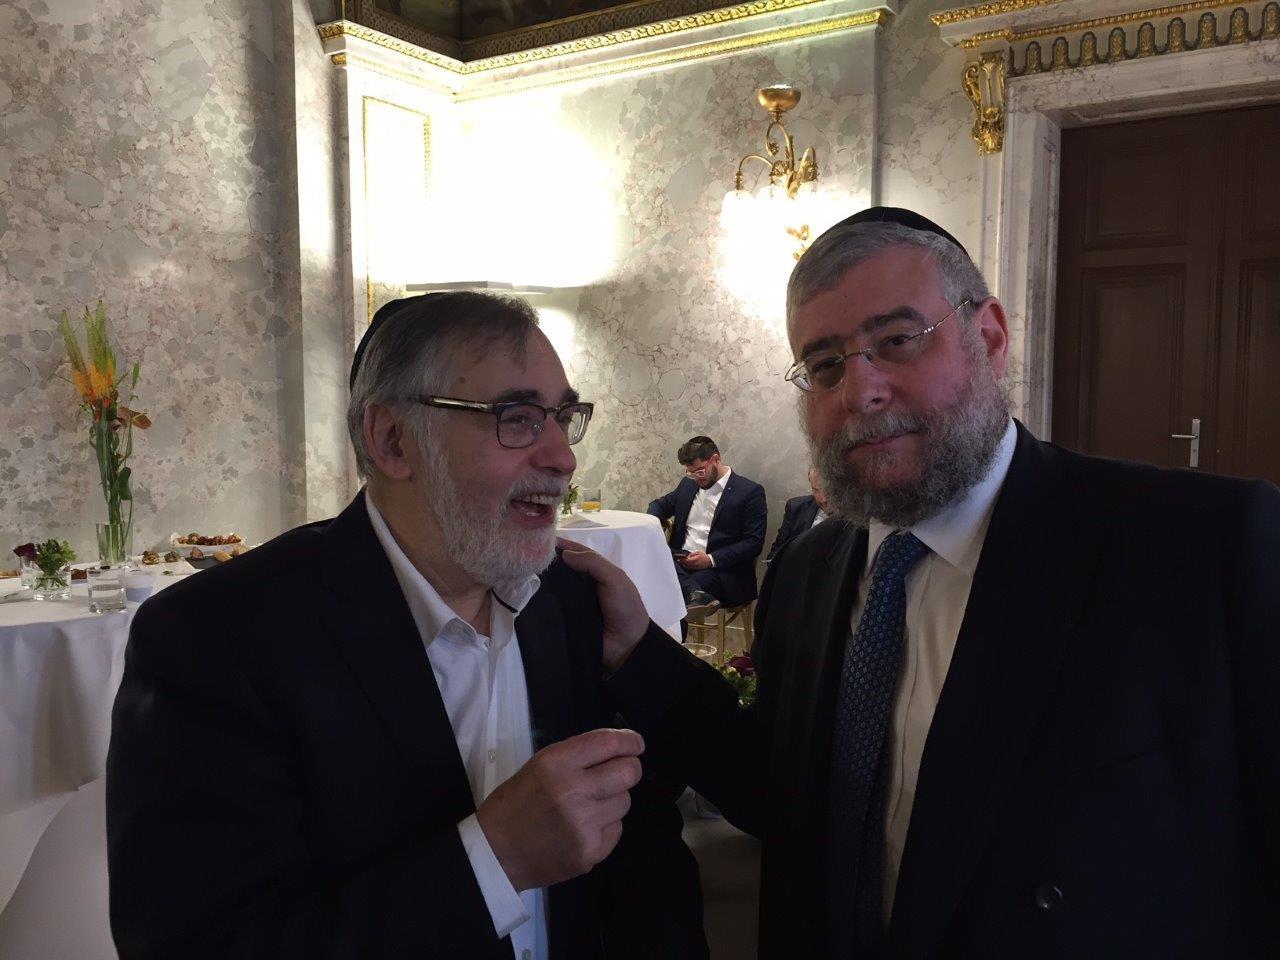 הרב גולדשמיט והרב גיגי במשרד החוץ האוסטרי